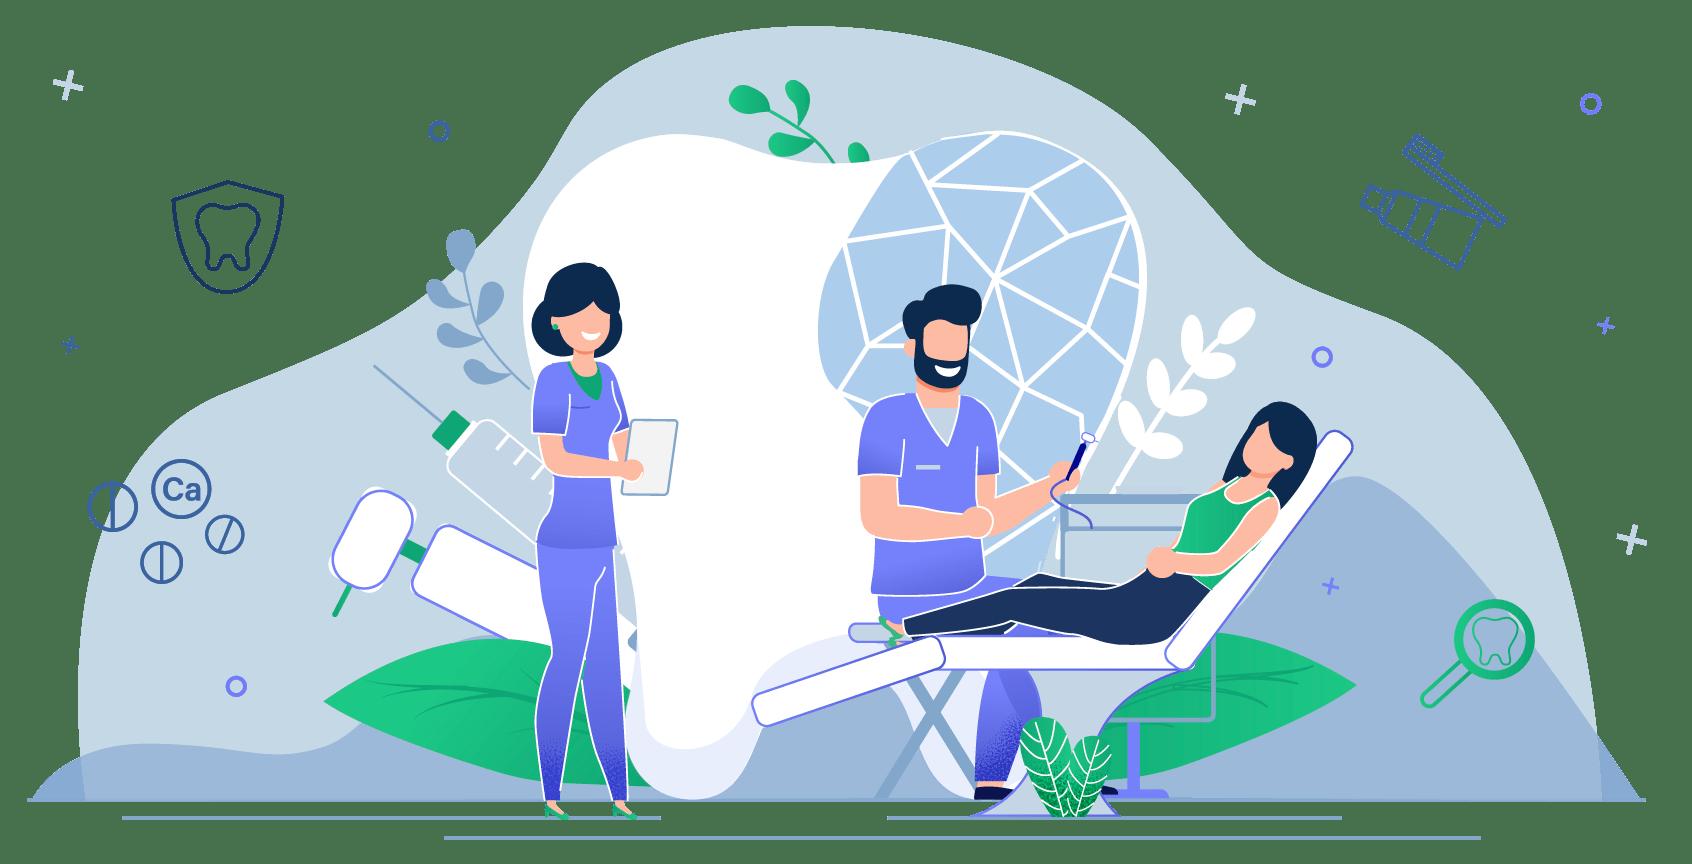 Ilustração Dentista, busque entender seu paciente